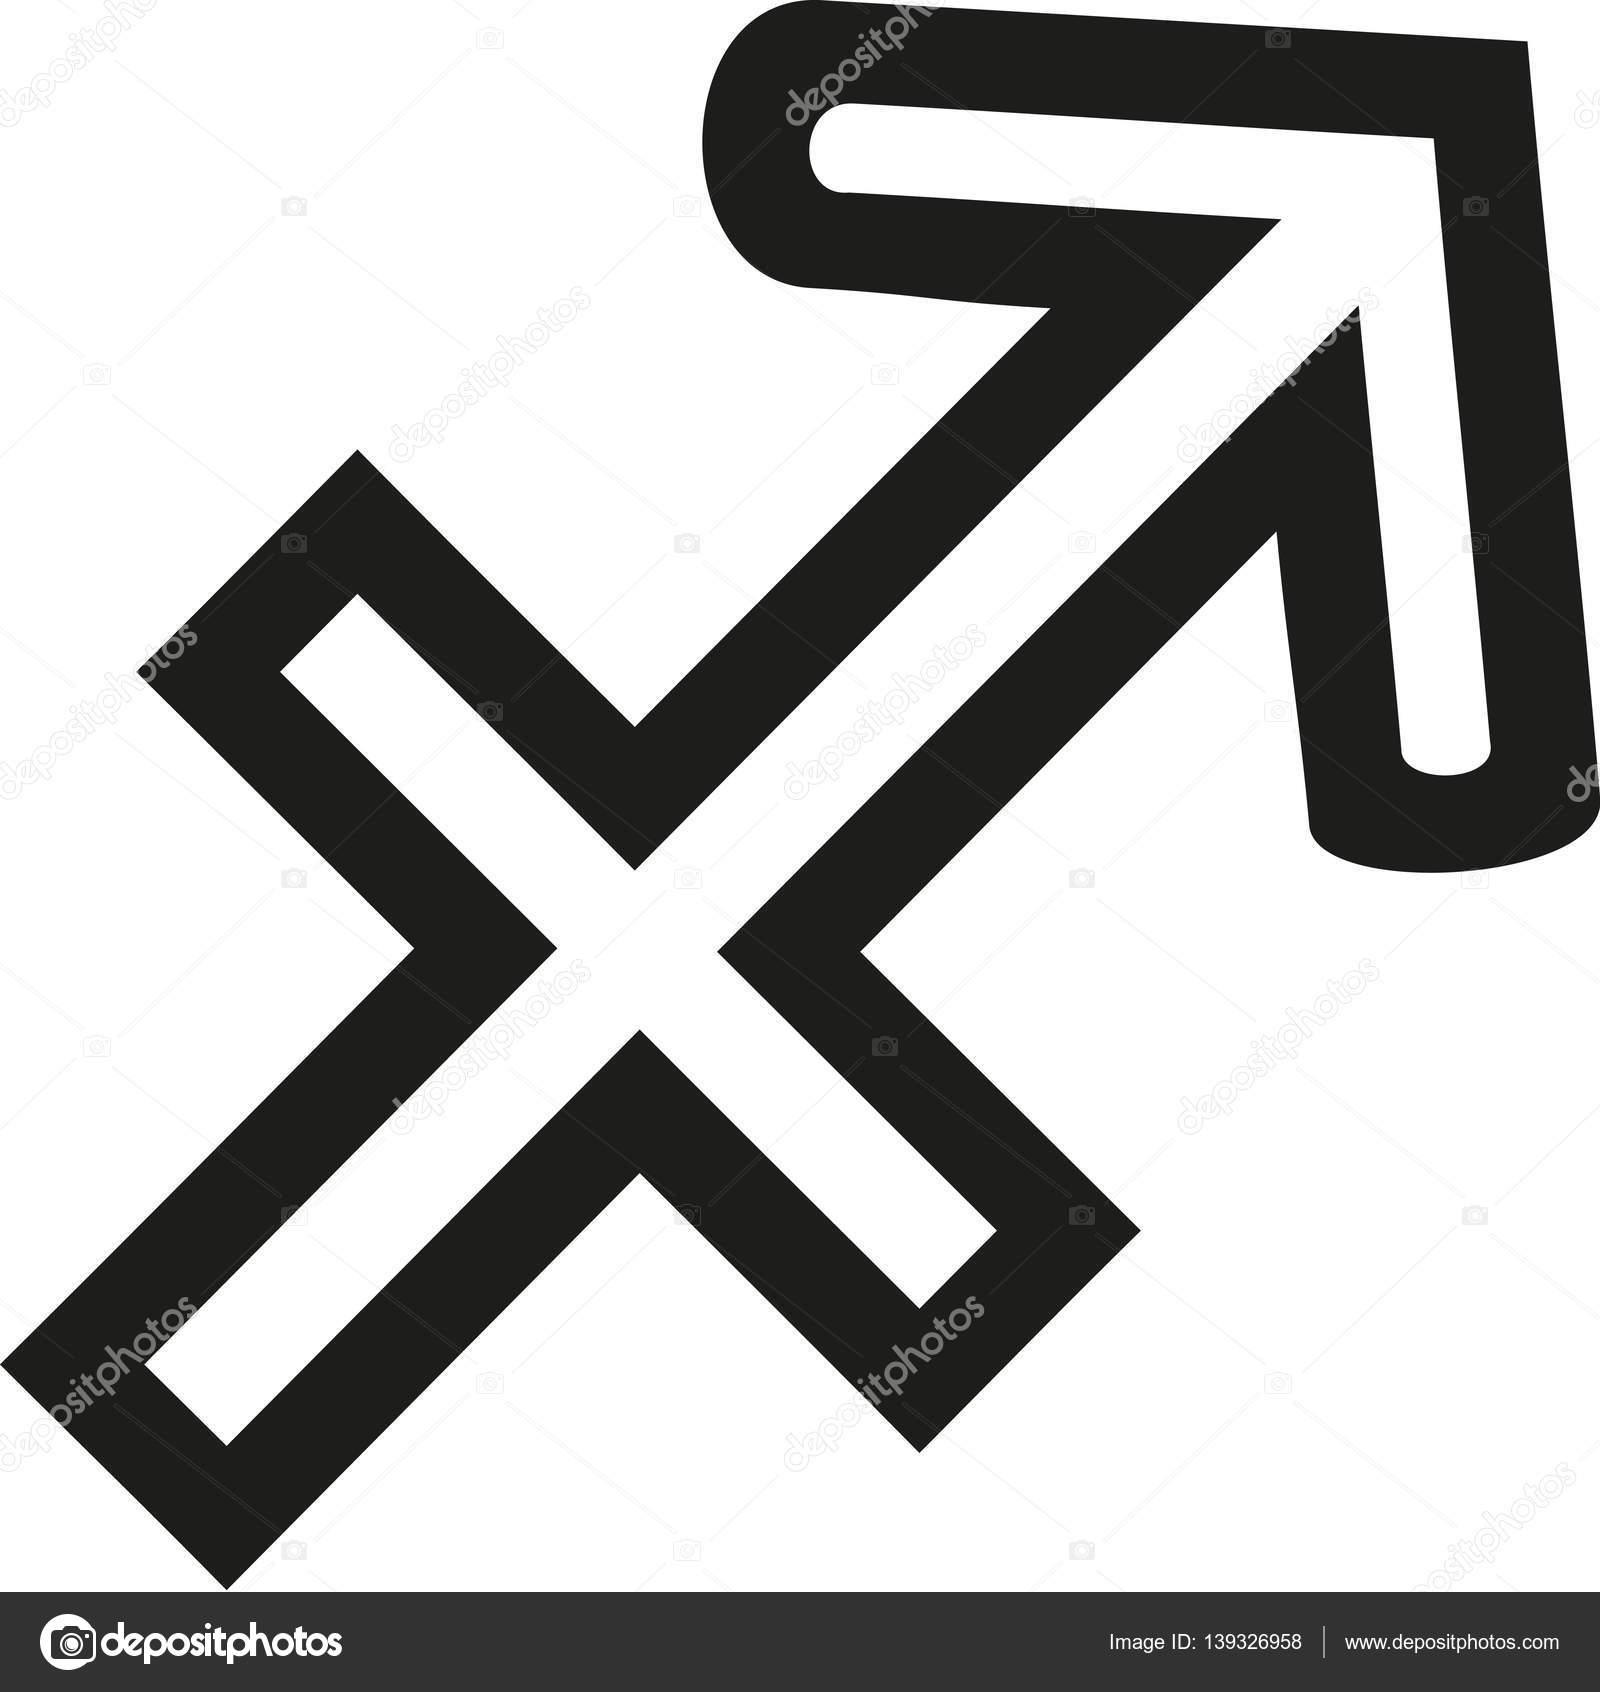 Toros burcun işaretidir. Ana Özellikler